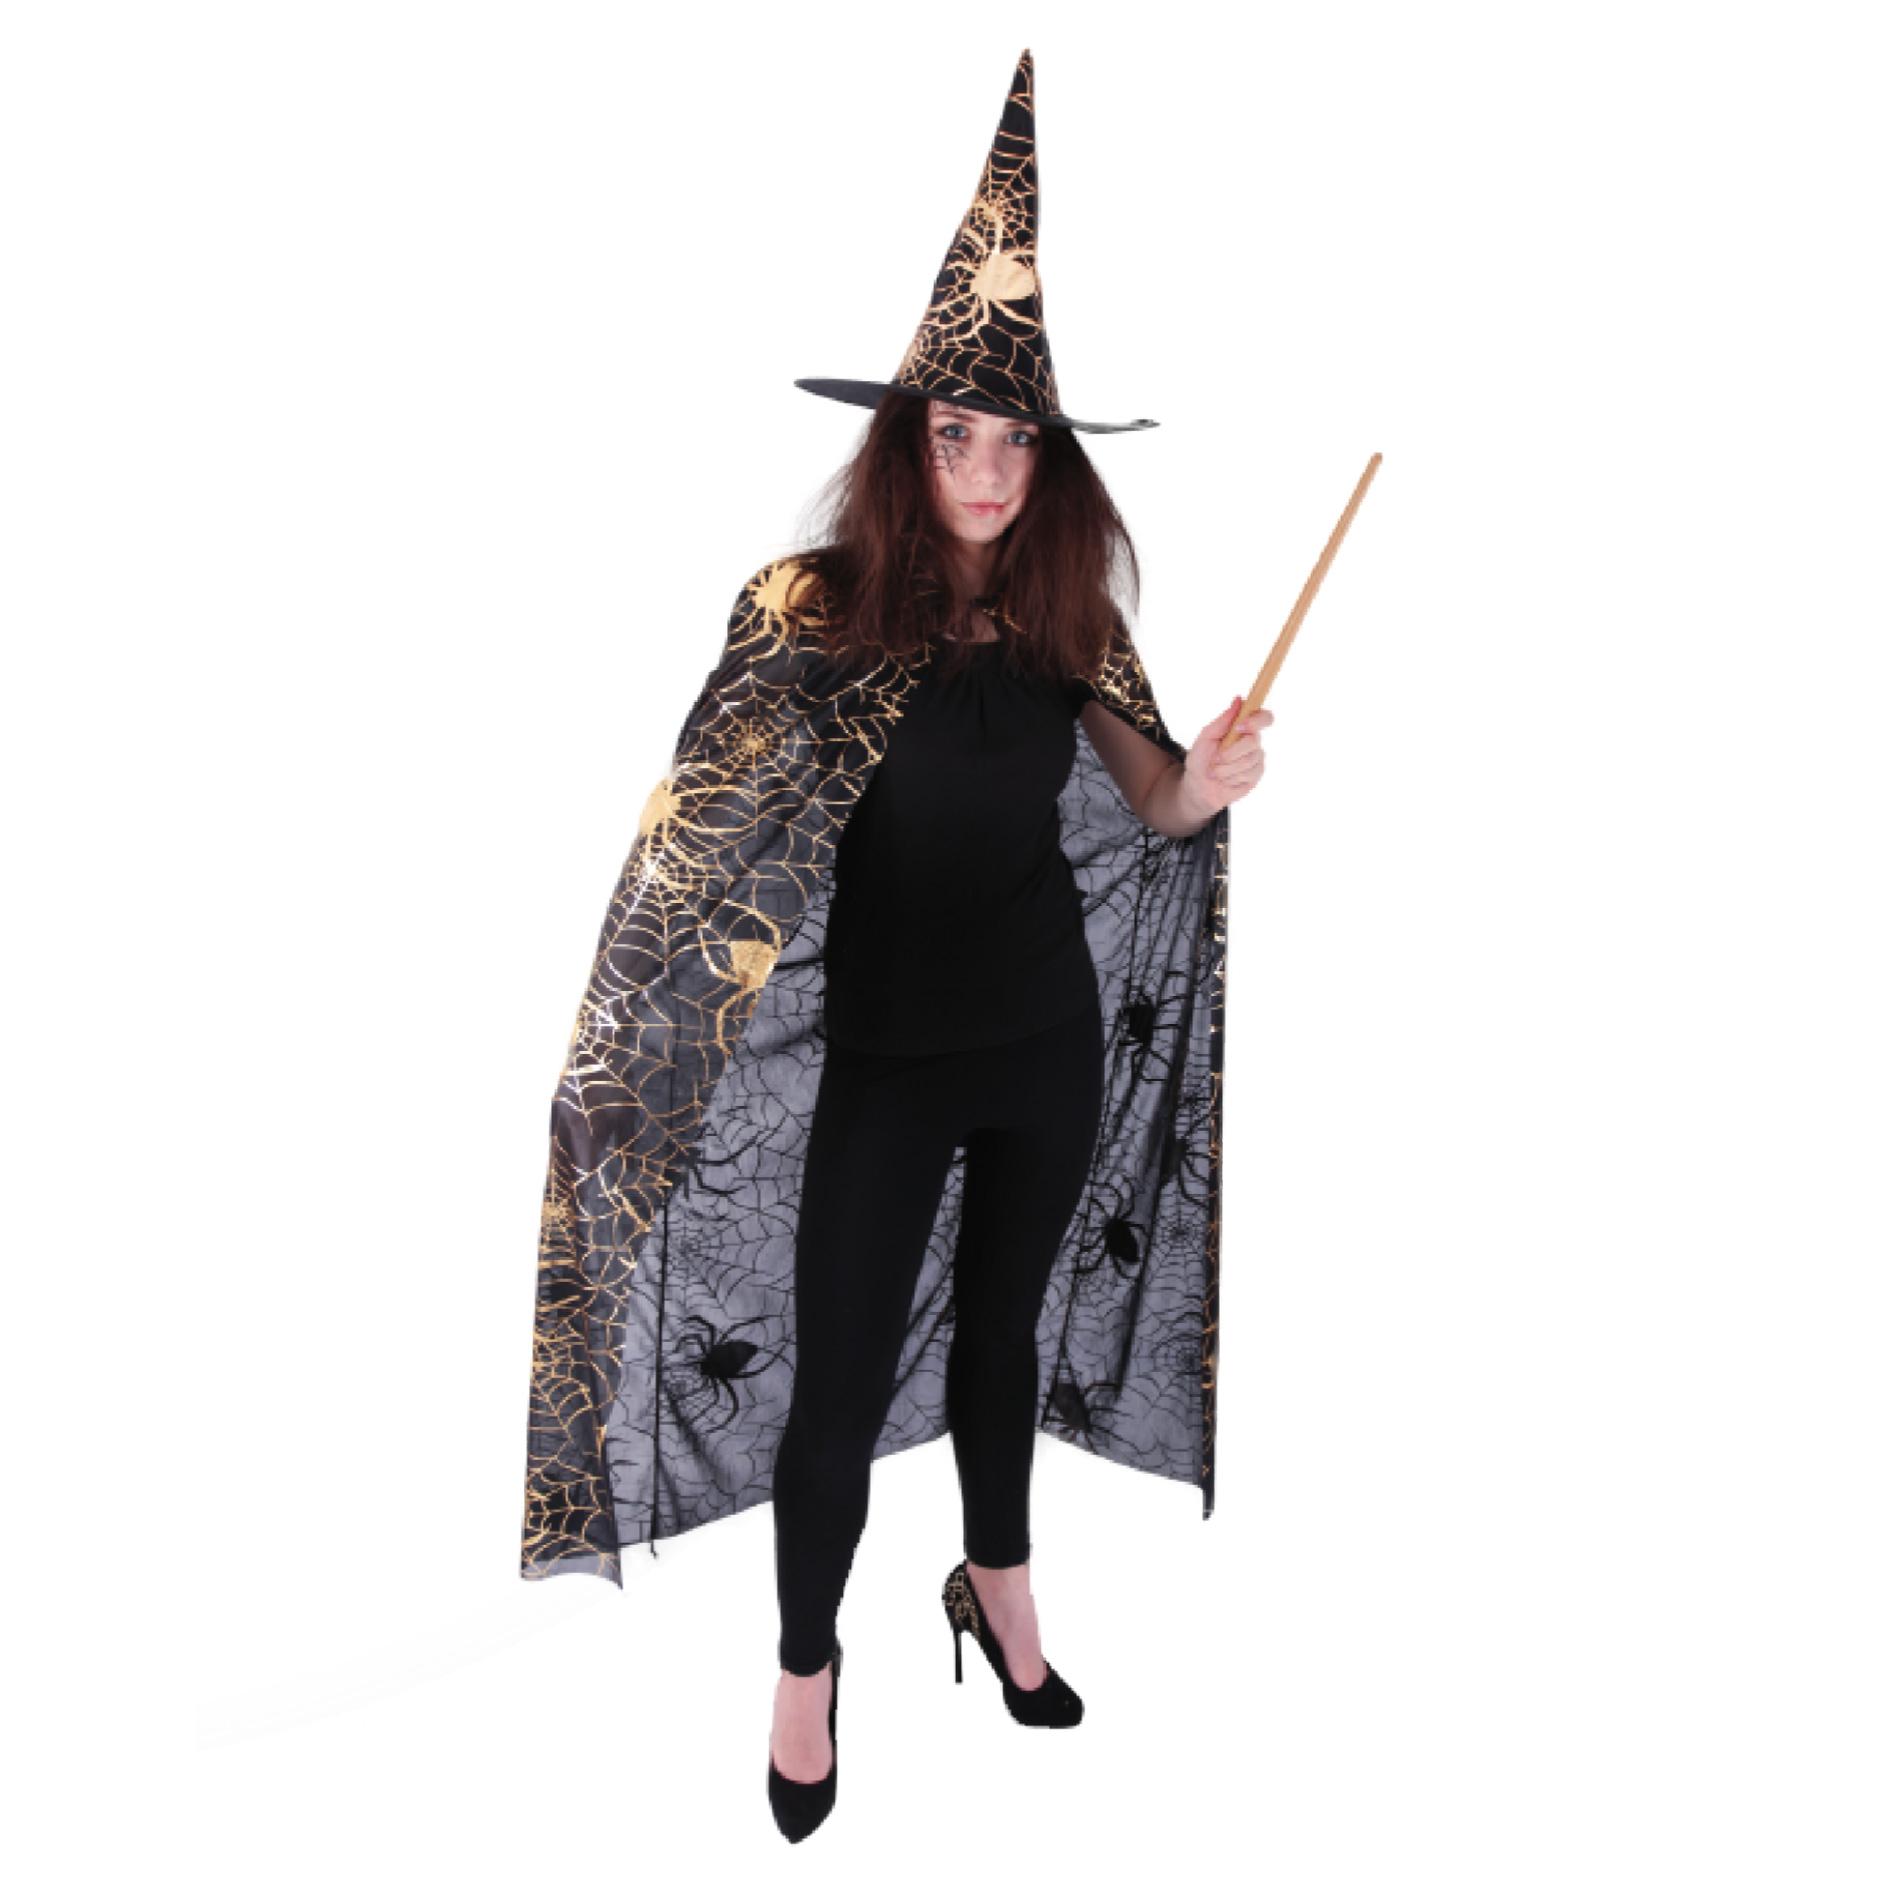 Čarodějnický plášť s kloboukem a pavučinou pro dospělé/Halloween